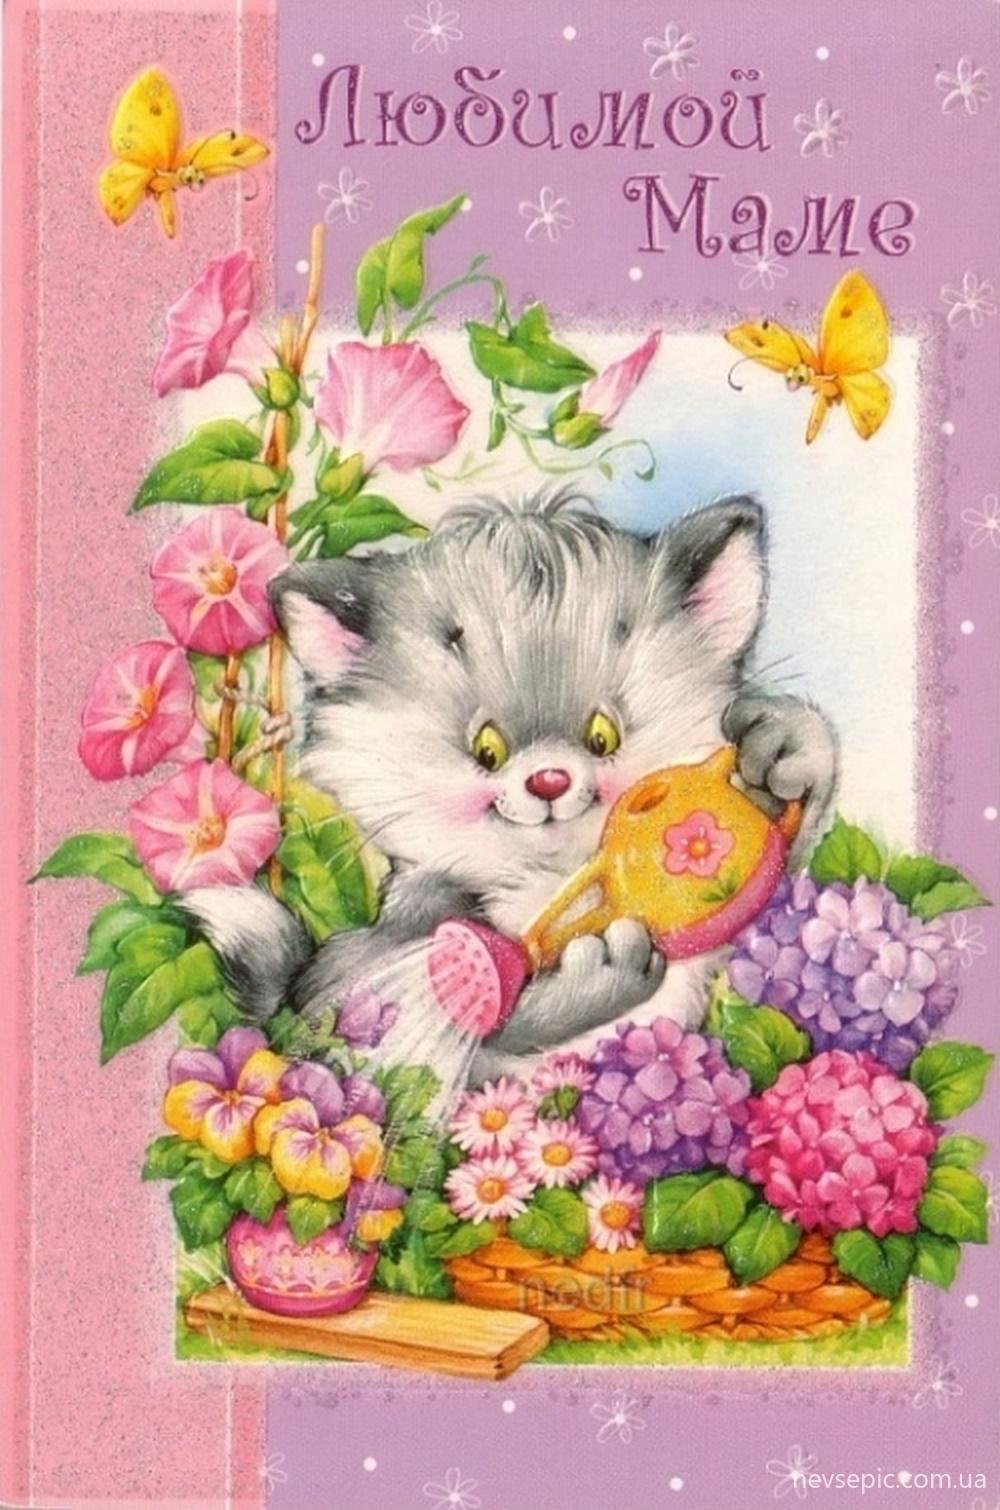 Очень красивые открытки для мамы